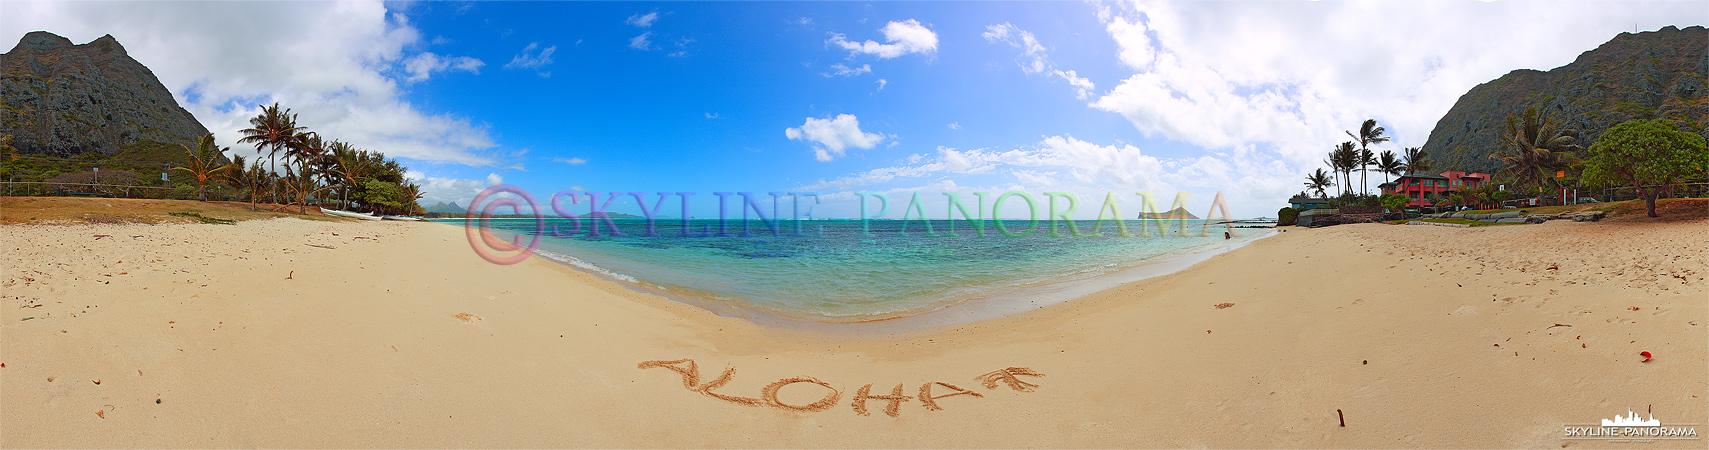 ALOHA Hawaii! - Willkommen auf der wunderschönen Inselkette mitten im pazifischen Ozean! Hier zu sehen ist ein Panorama am Tag vom Stand mit Palmen.